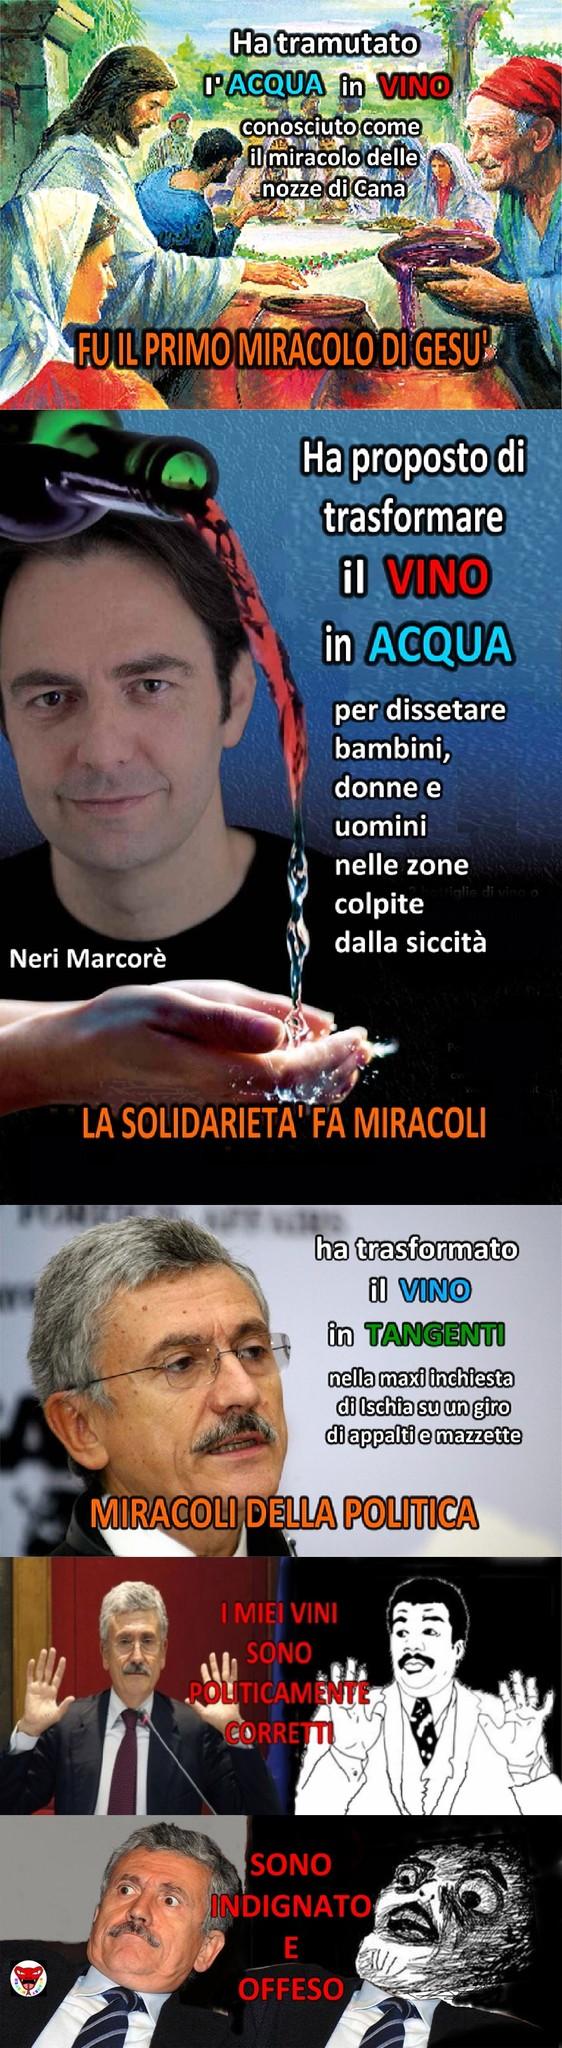 Miracoli della politica... - meme